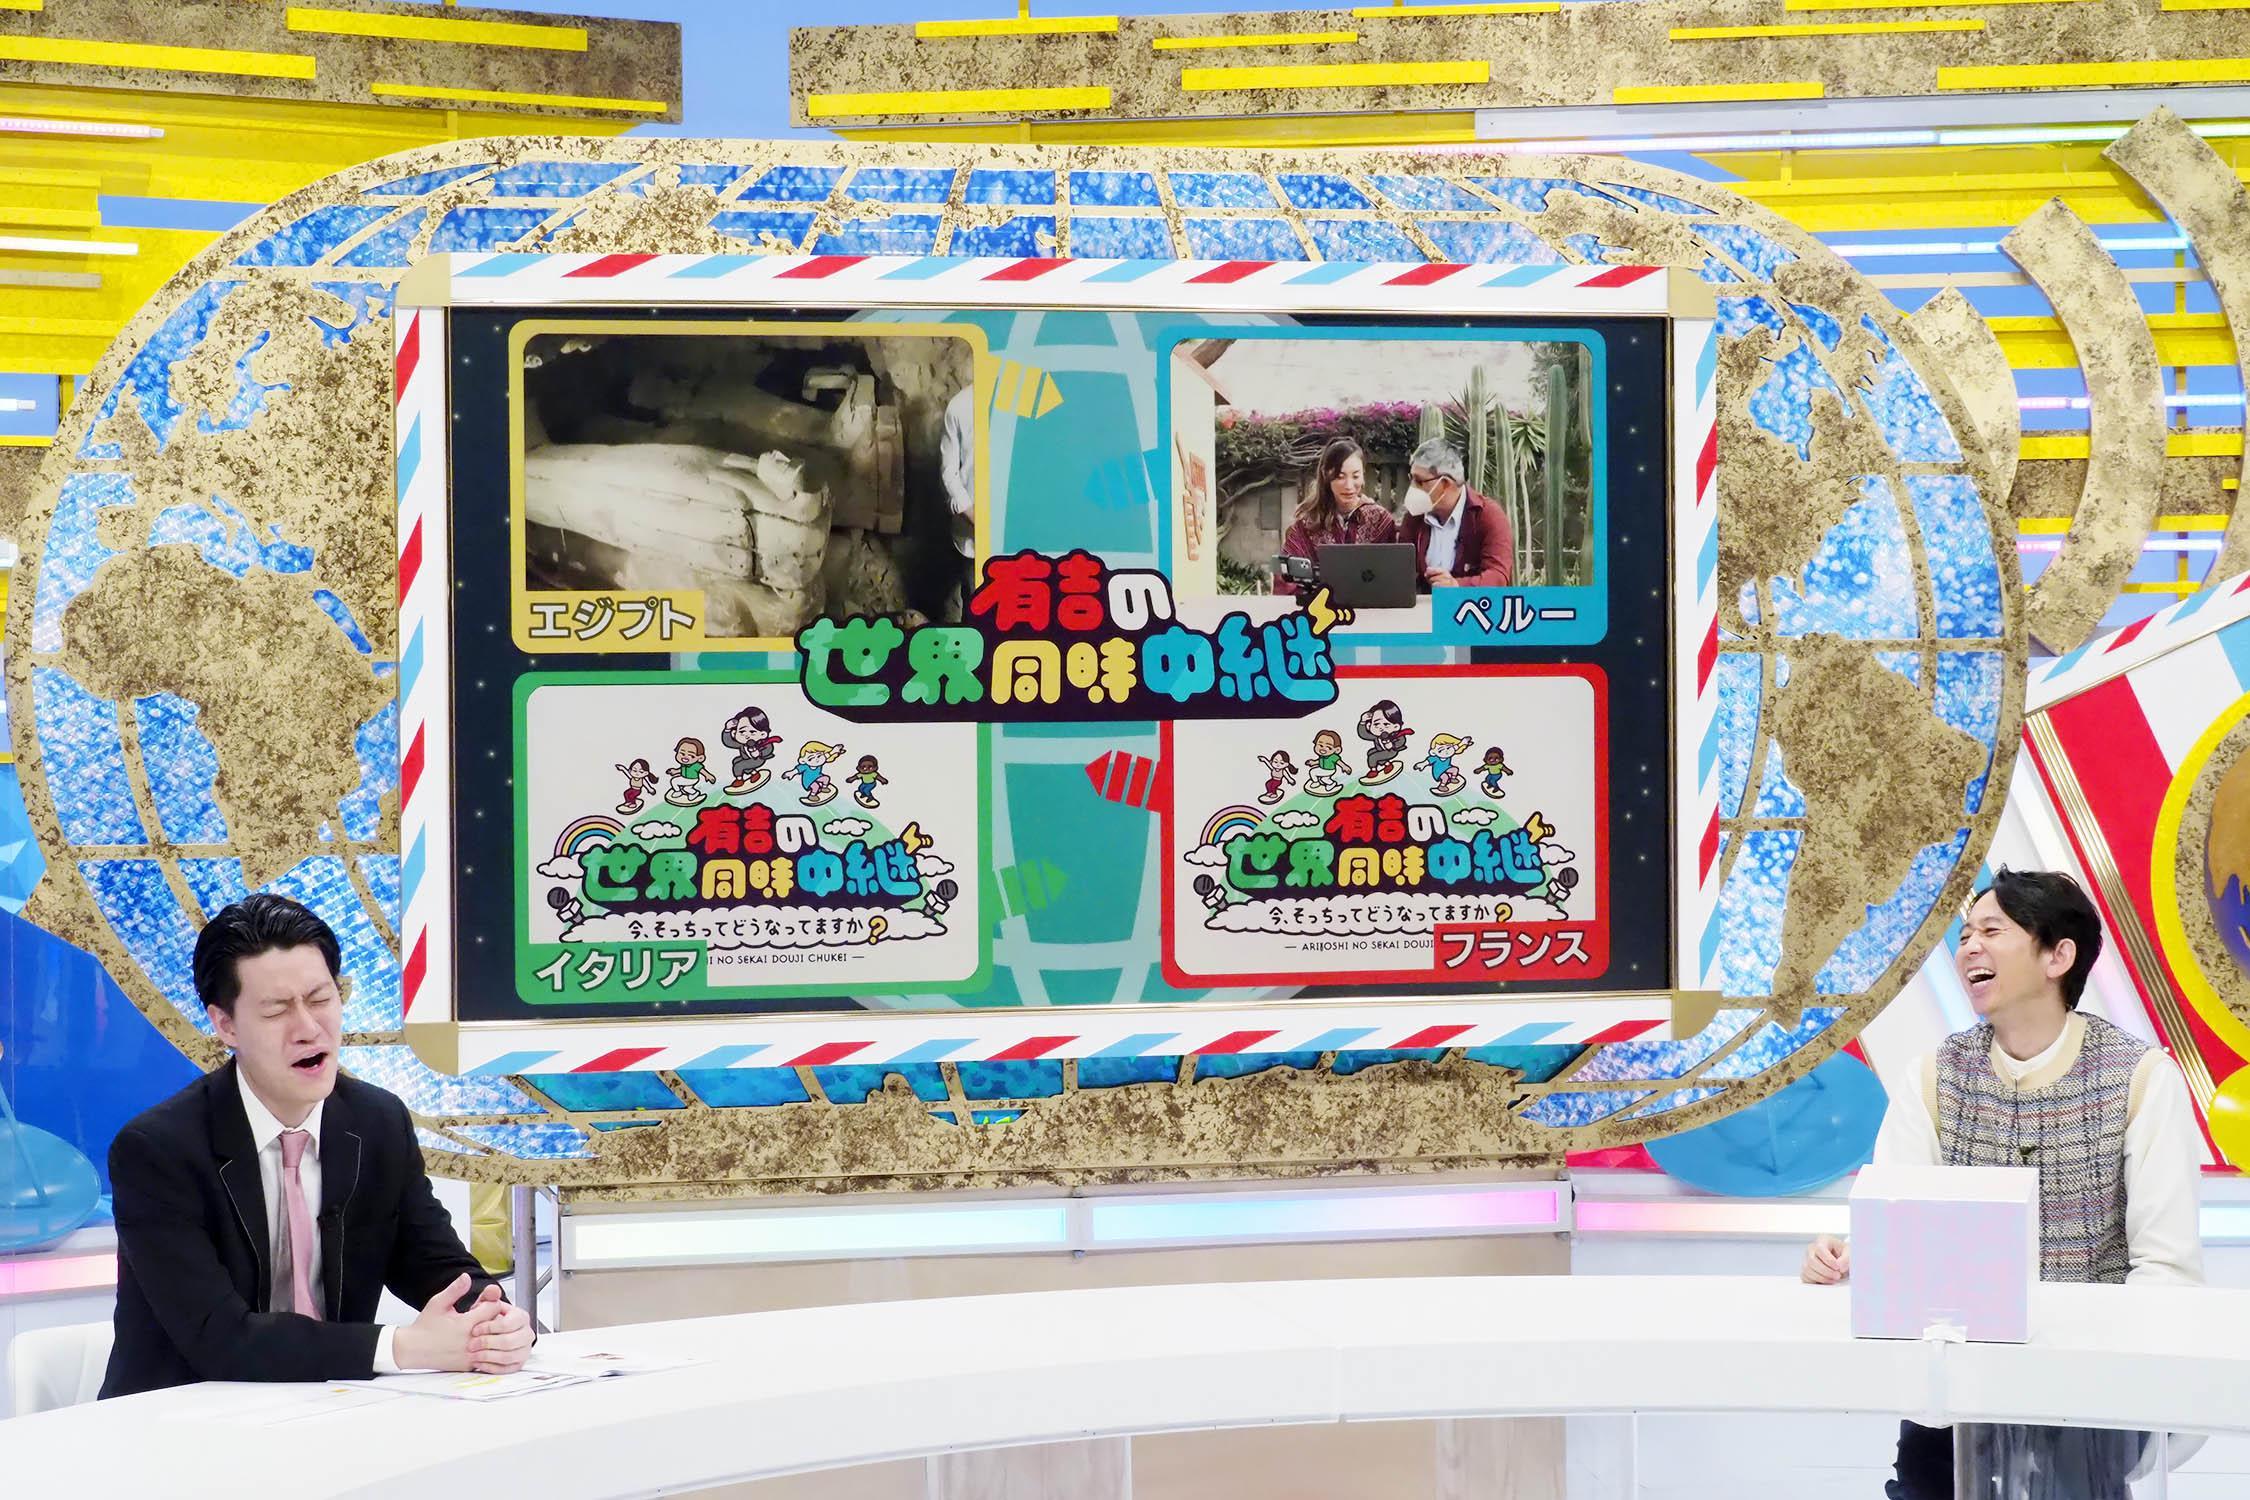 世界の皆さん!今そっちってどうなってますか!?有吉弘行が世界4ヵ国と同時中継して…古代エジプトの棺とインカの地に眠る棺を同時に開けたぞ!!イタリアの巨大ショッピングモールとフランス・ベルサイユ宮殿へ潜入!